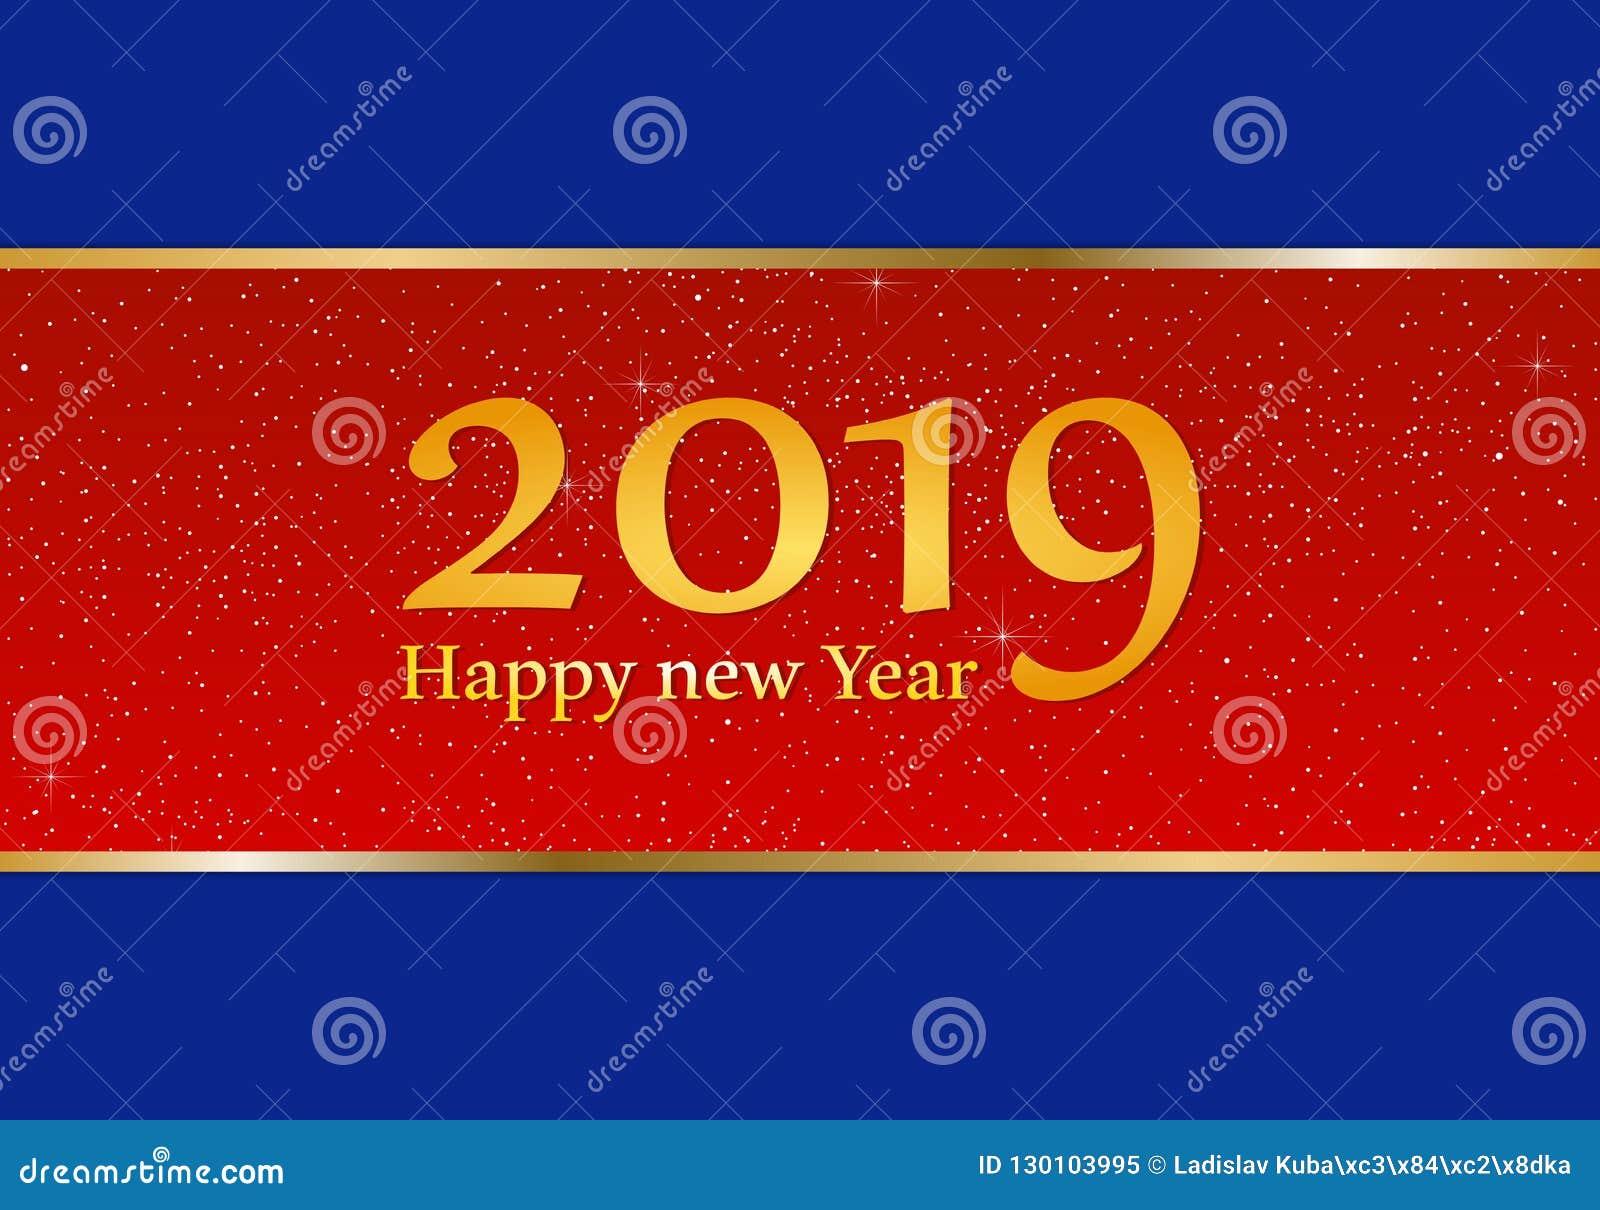 Grüße Des Neuen Jahres Für Jahr 2019 Mit Hellem Blauem Hintergrund ...